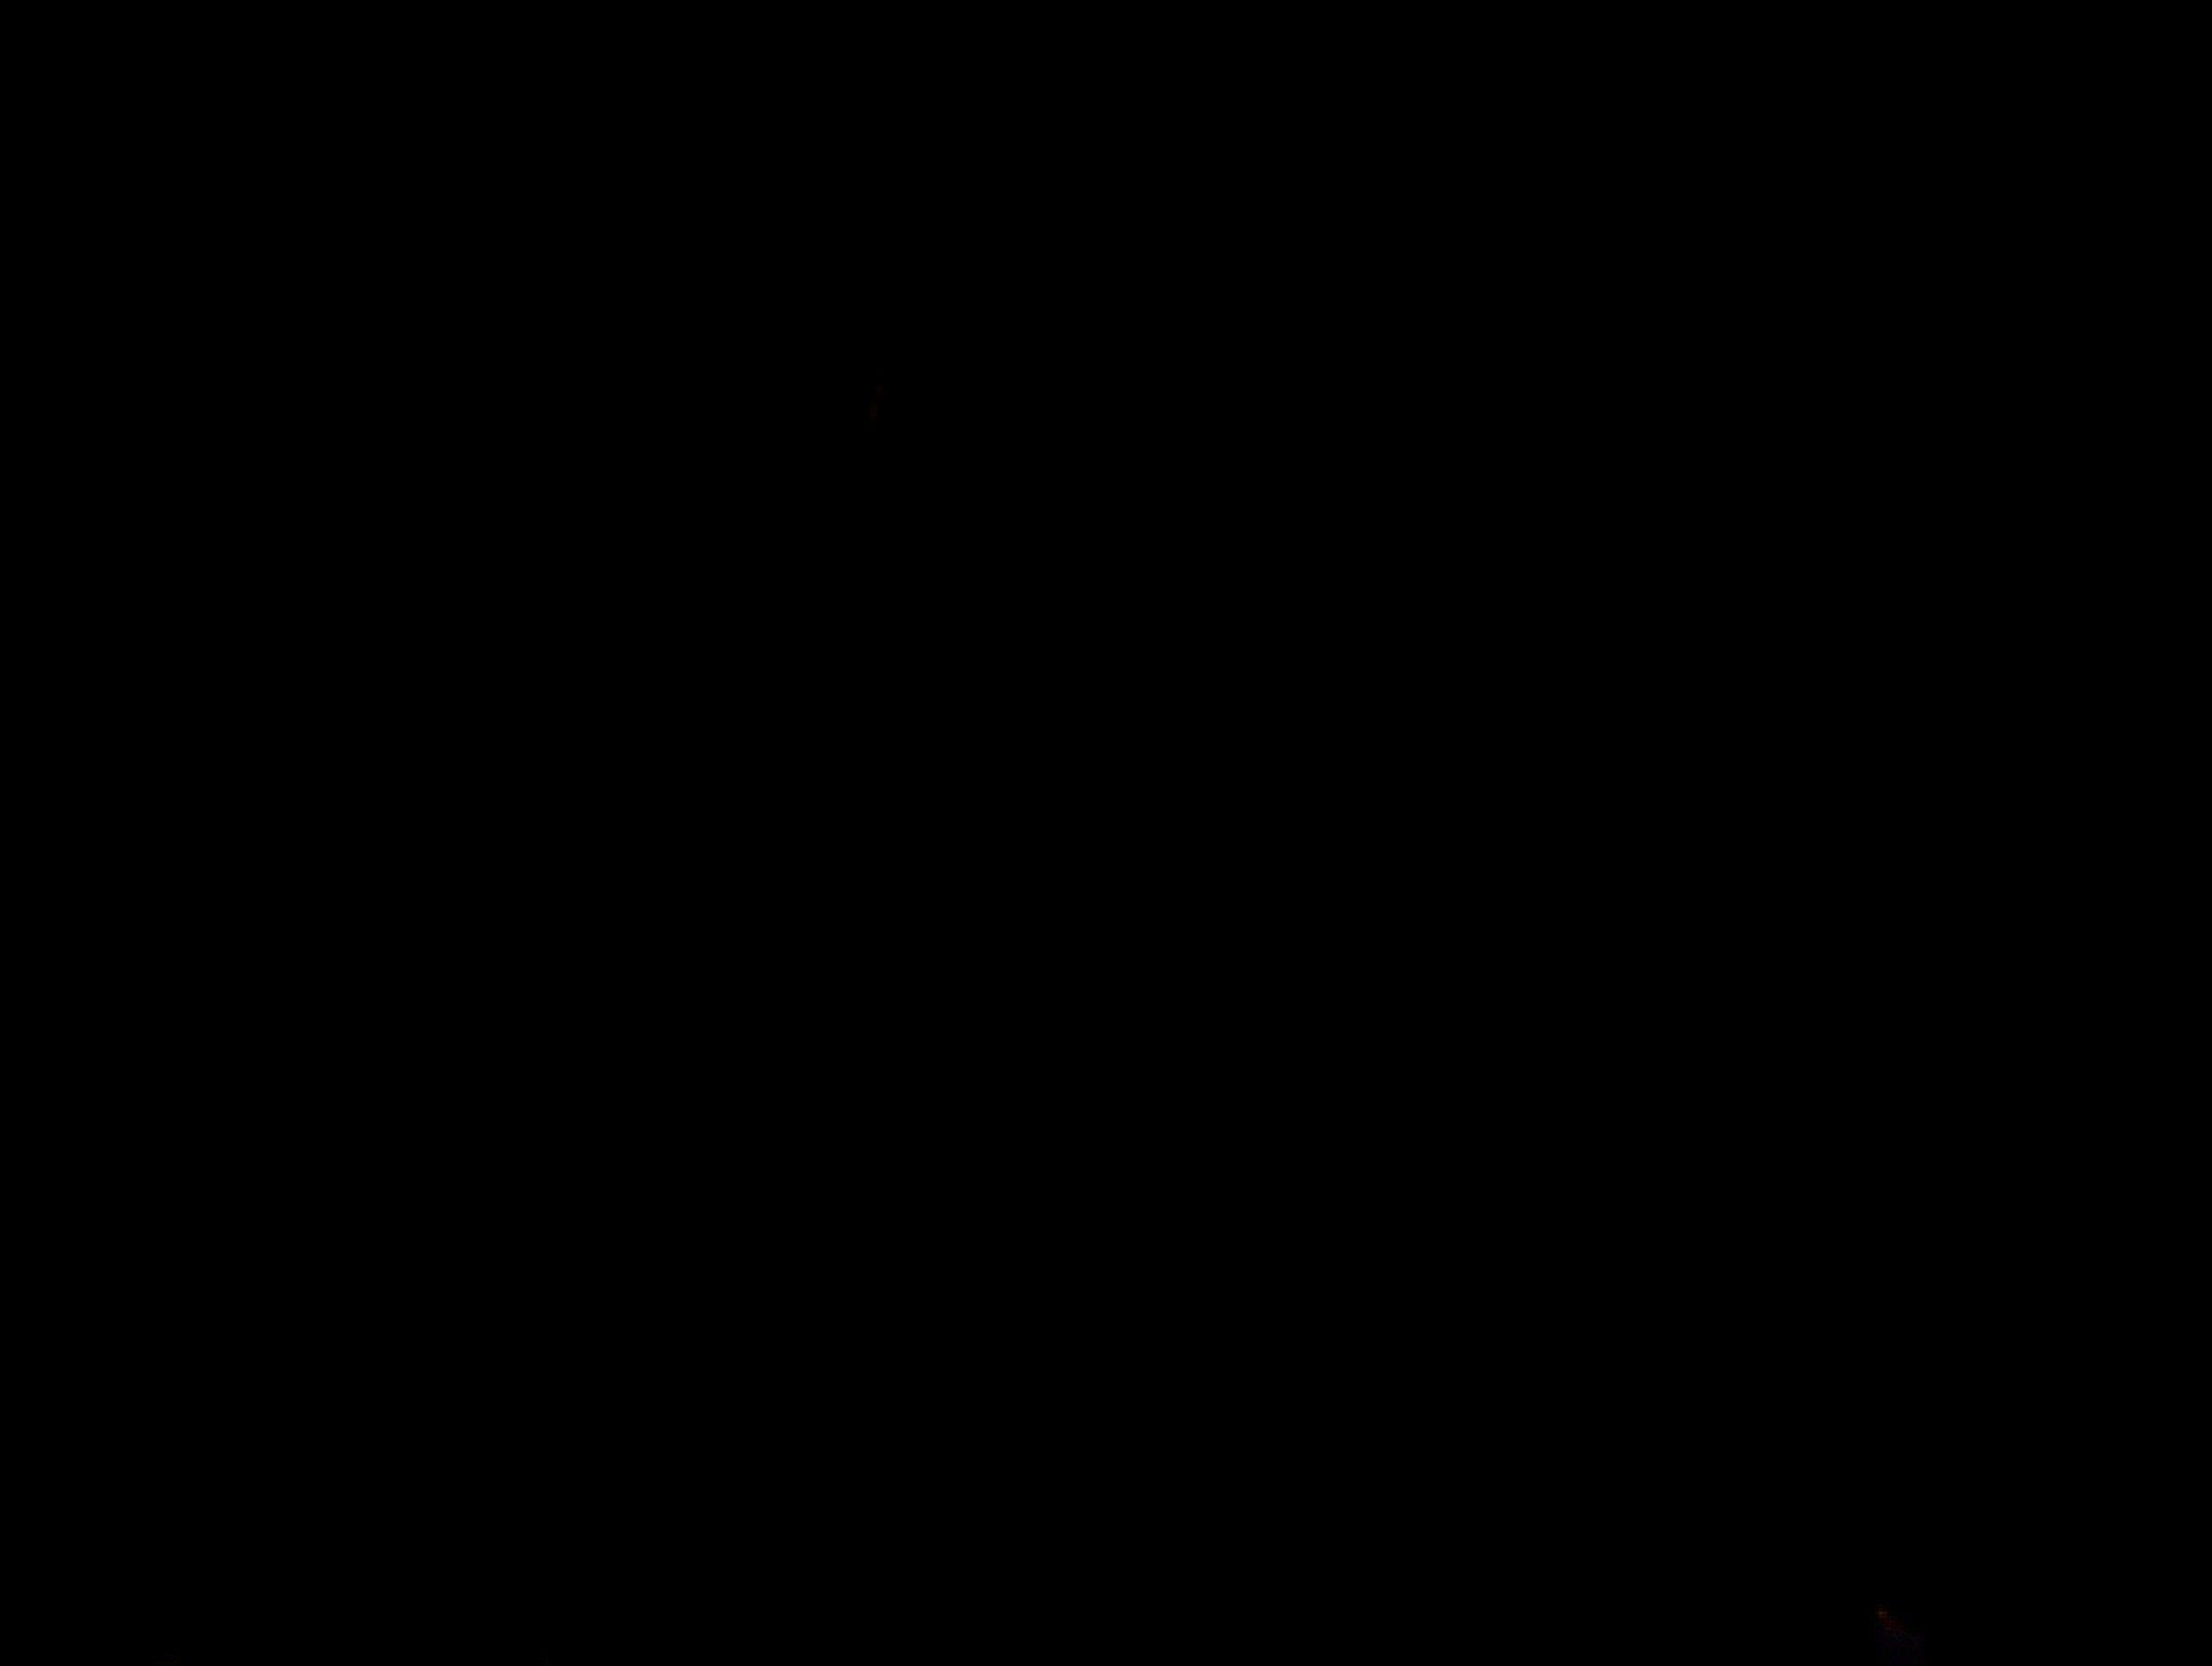 20210204_073434.jpg